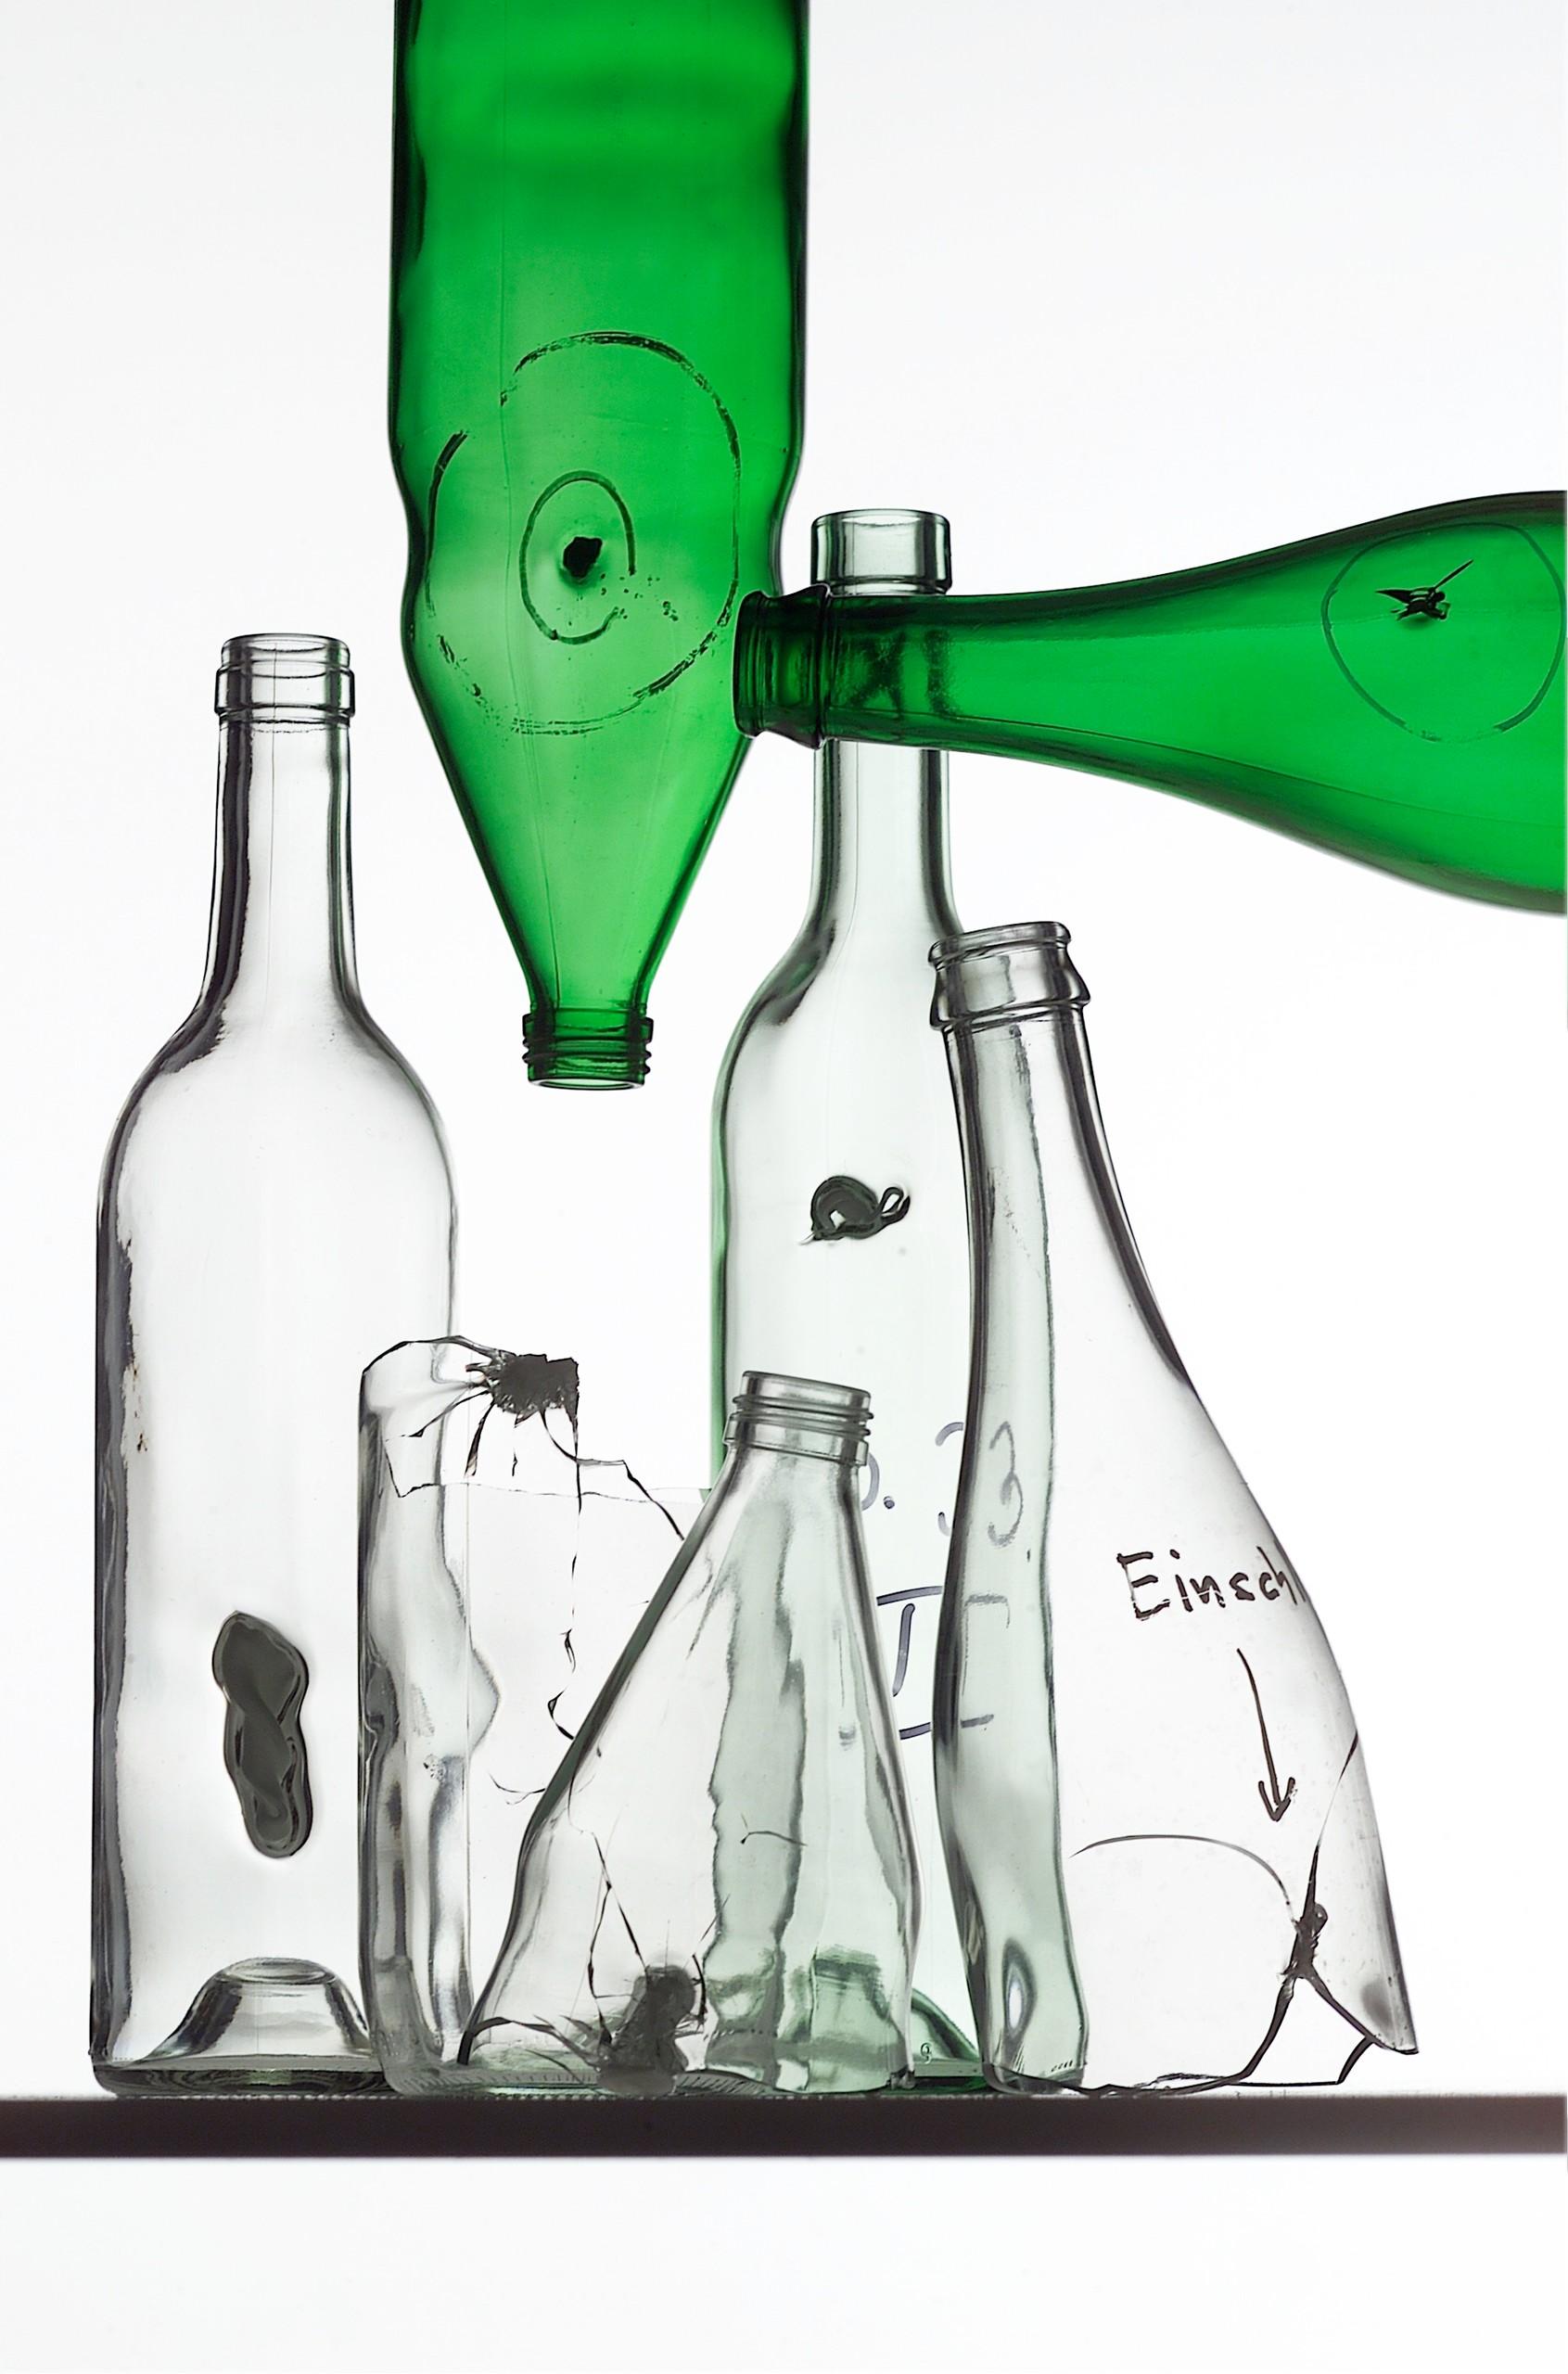 Mehrere durchsichtige Flaschen und zwei grüne, die alle fehlerhaft sind, da sie sogenannte Einschlüsse aus anderen Materialien enthalten.